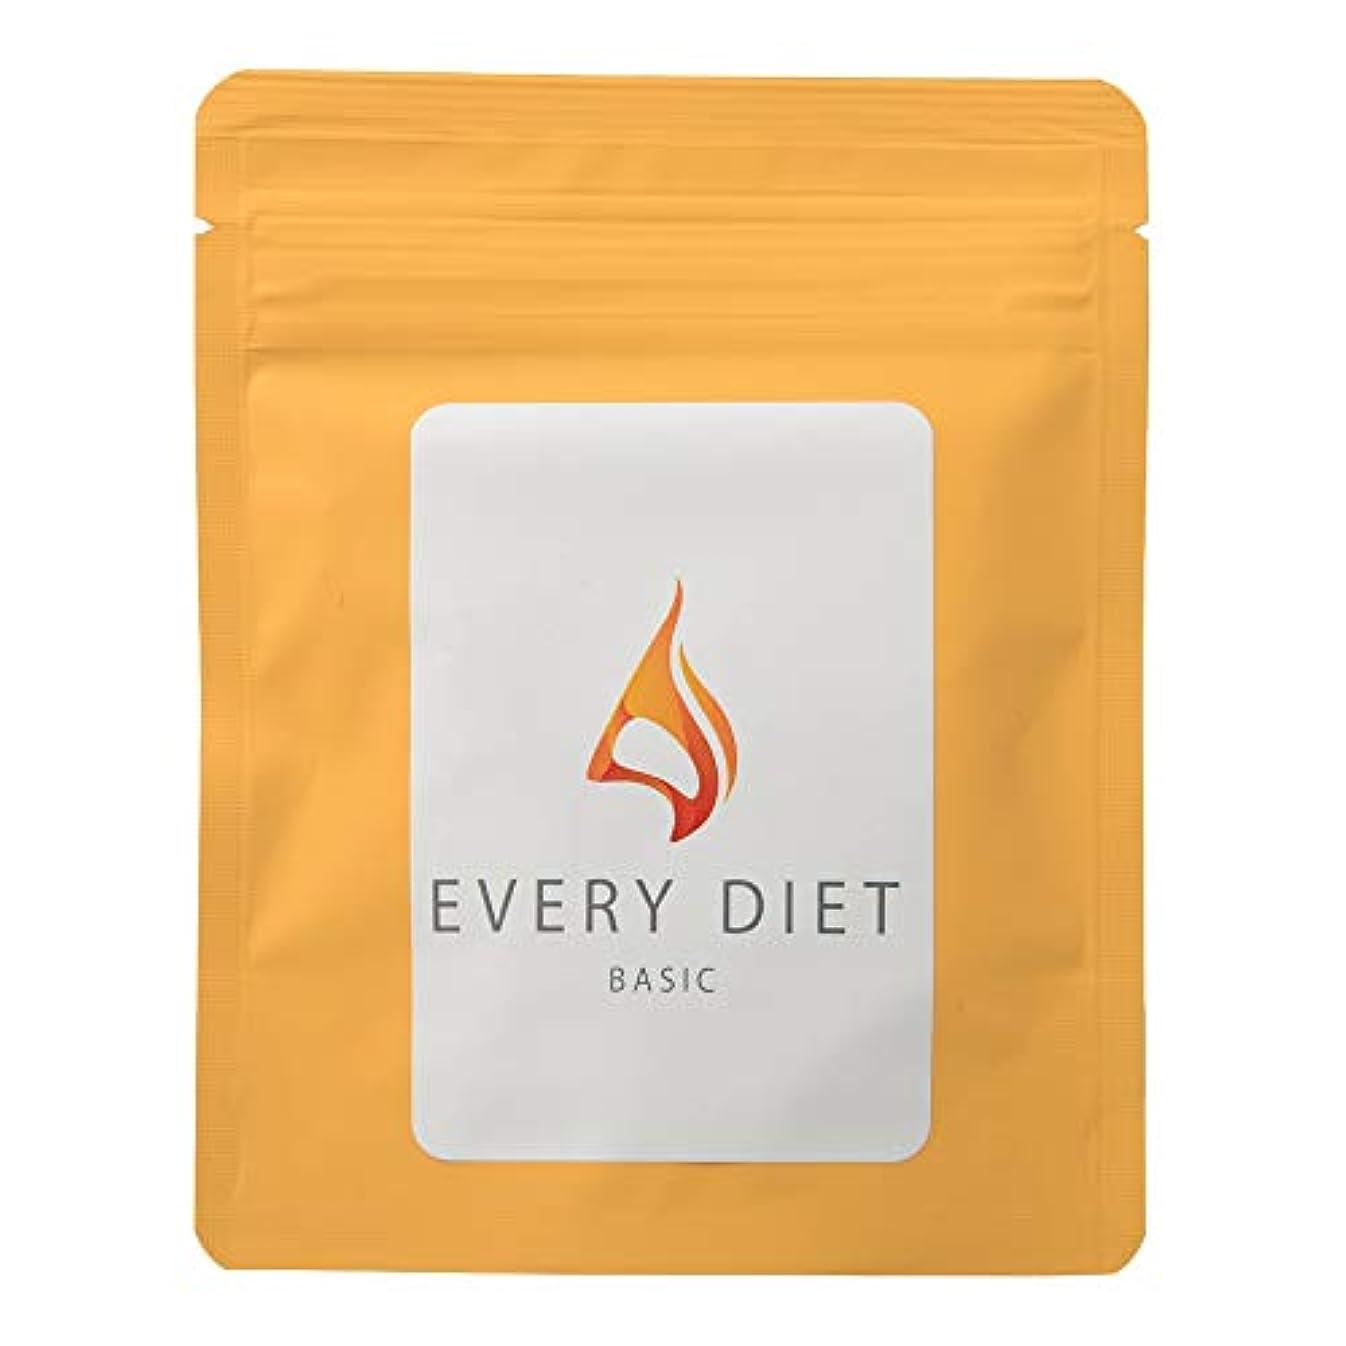 バレーボールご予約コマースEvery Diet Basic (エブリダイエット ベーシック) ダイエット サプリメント [内容量60粒/ 説明書付き]